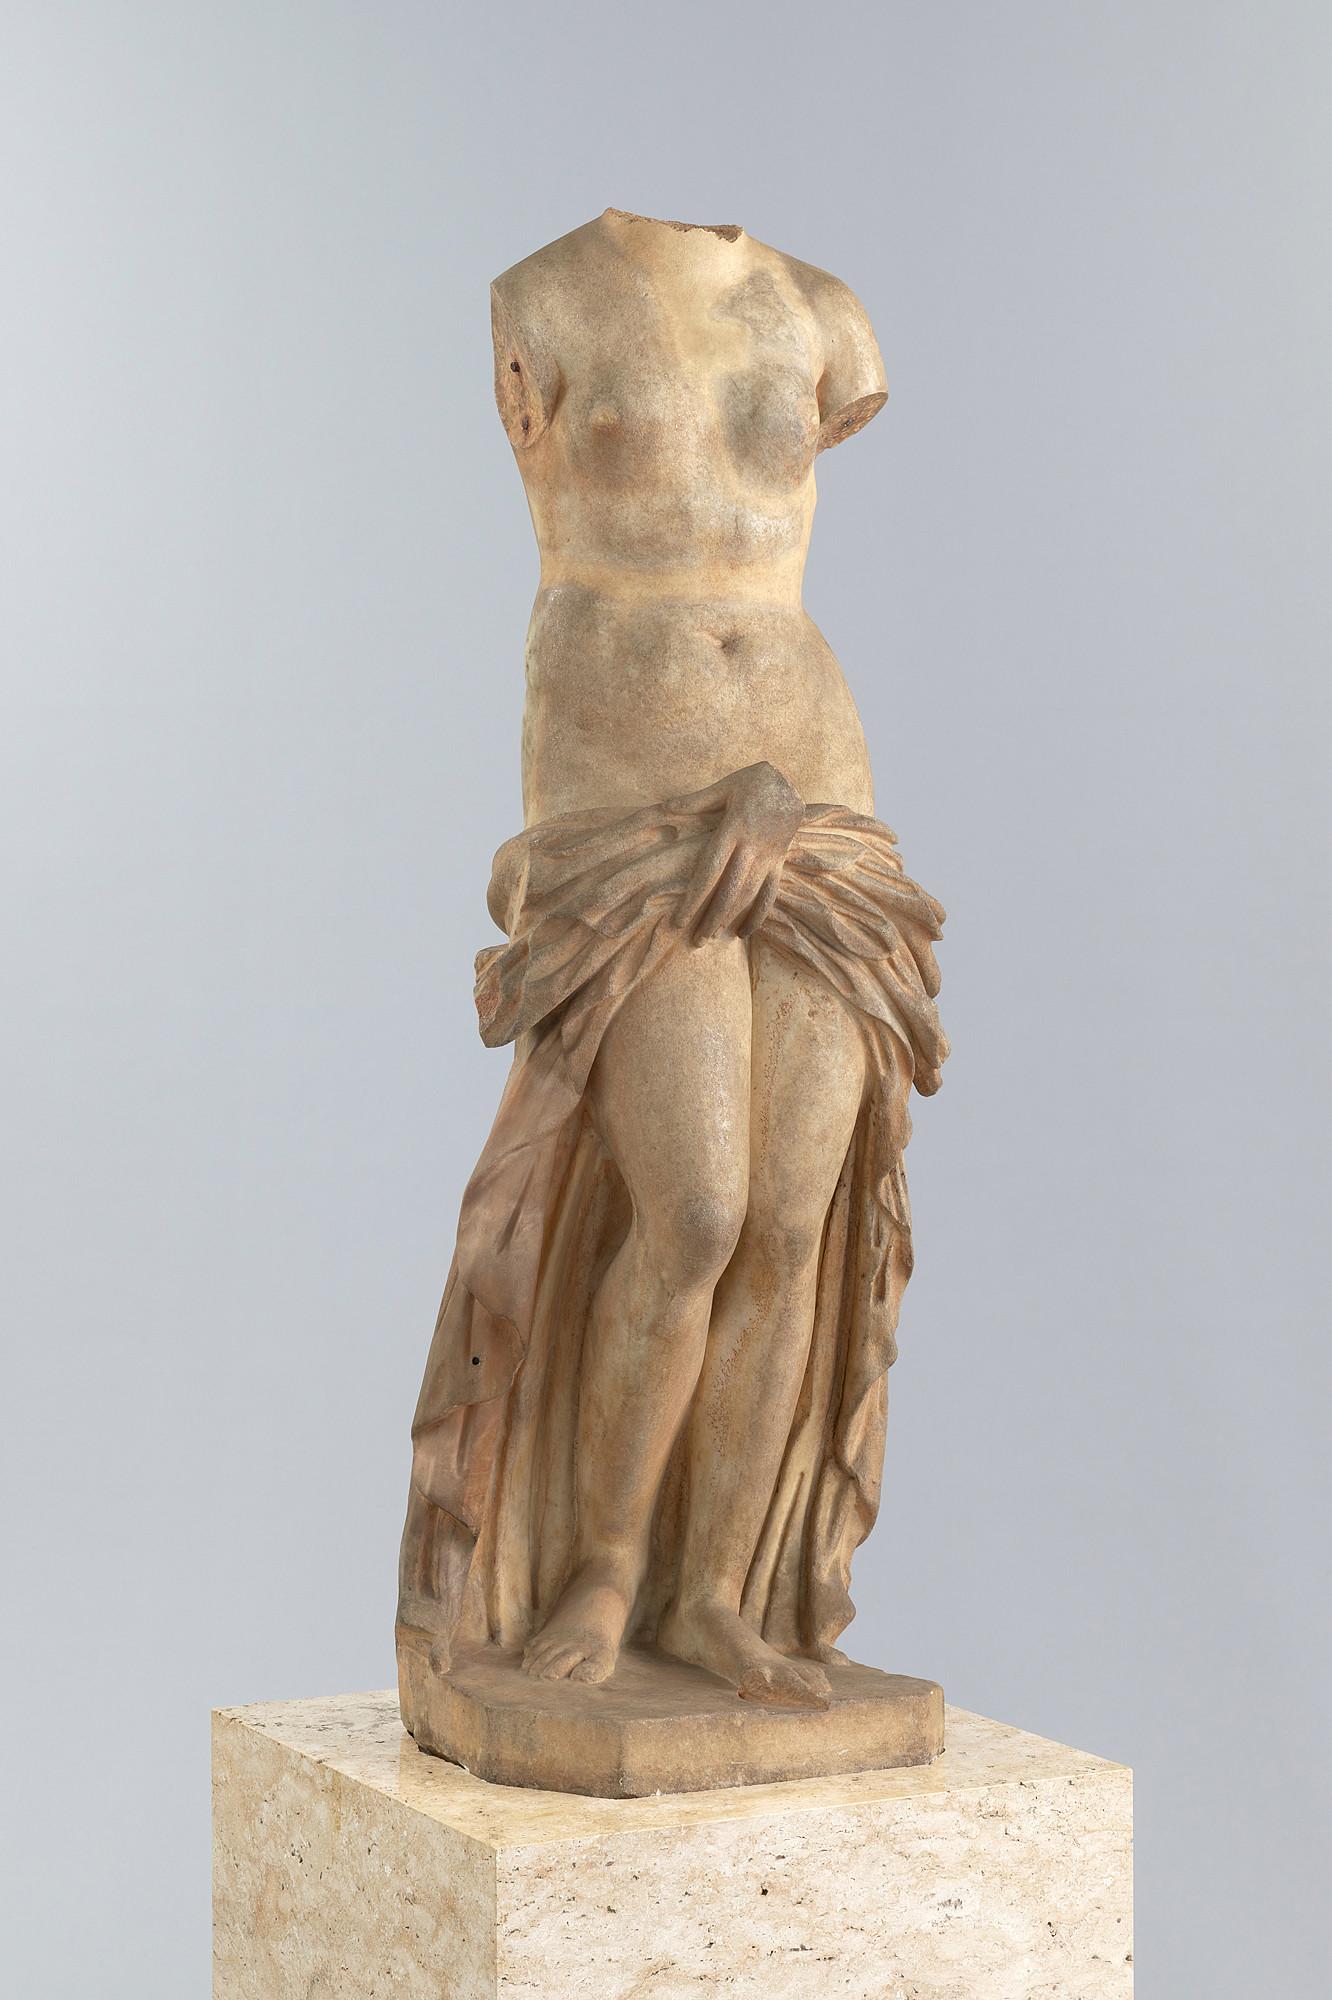 ギリシア《ヴィーナス》ヘレニズム時代(紀元前323-30年)